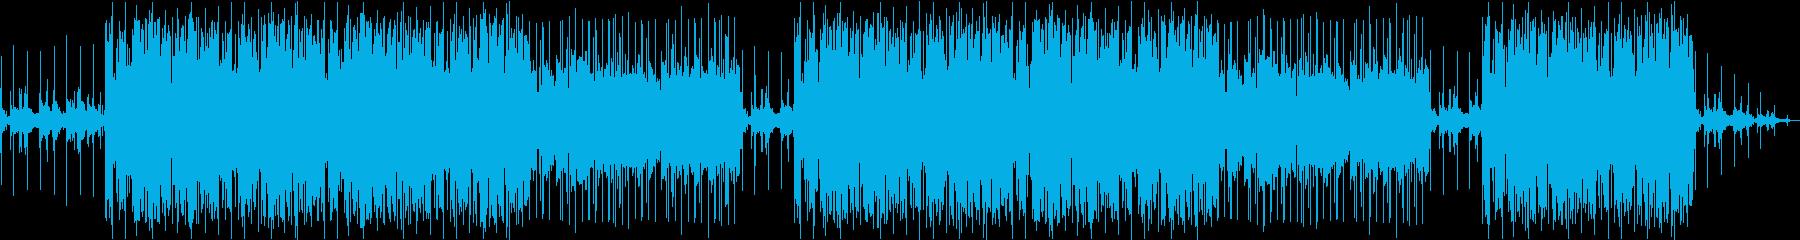 ローファイ、フルート、チルアウト、ピアノの再生済みの波形